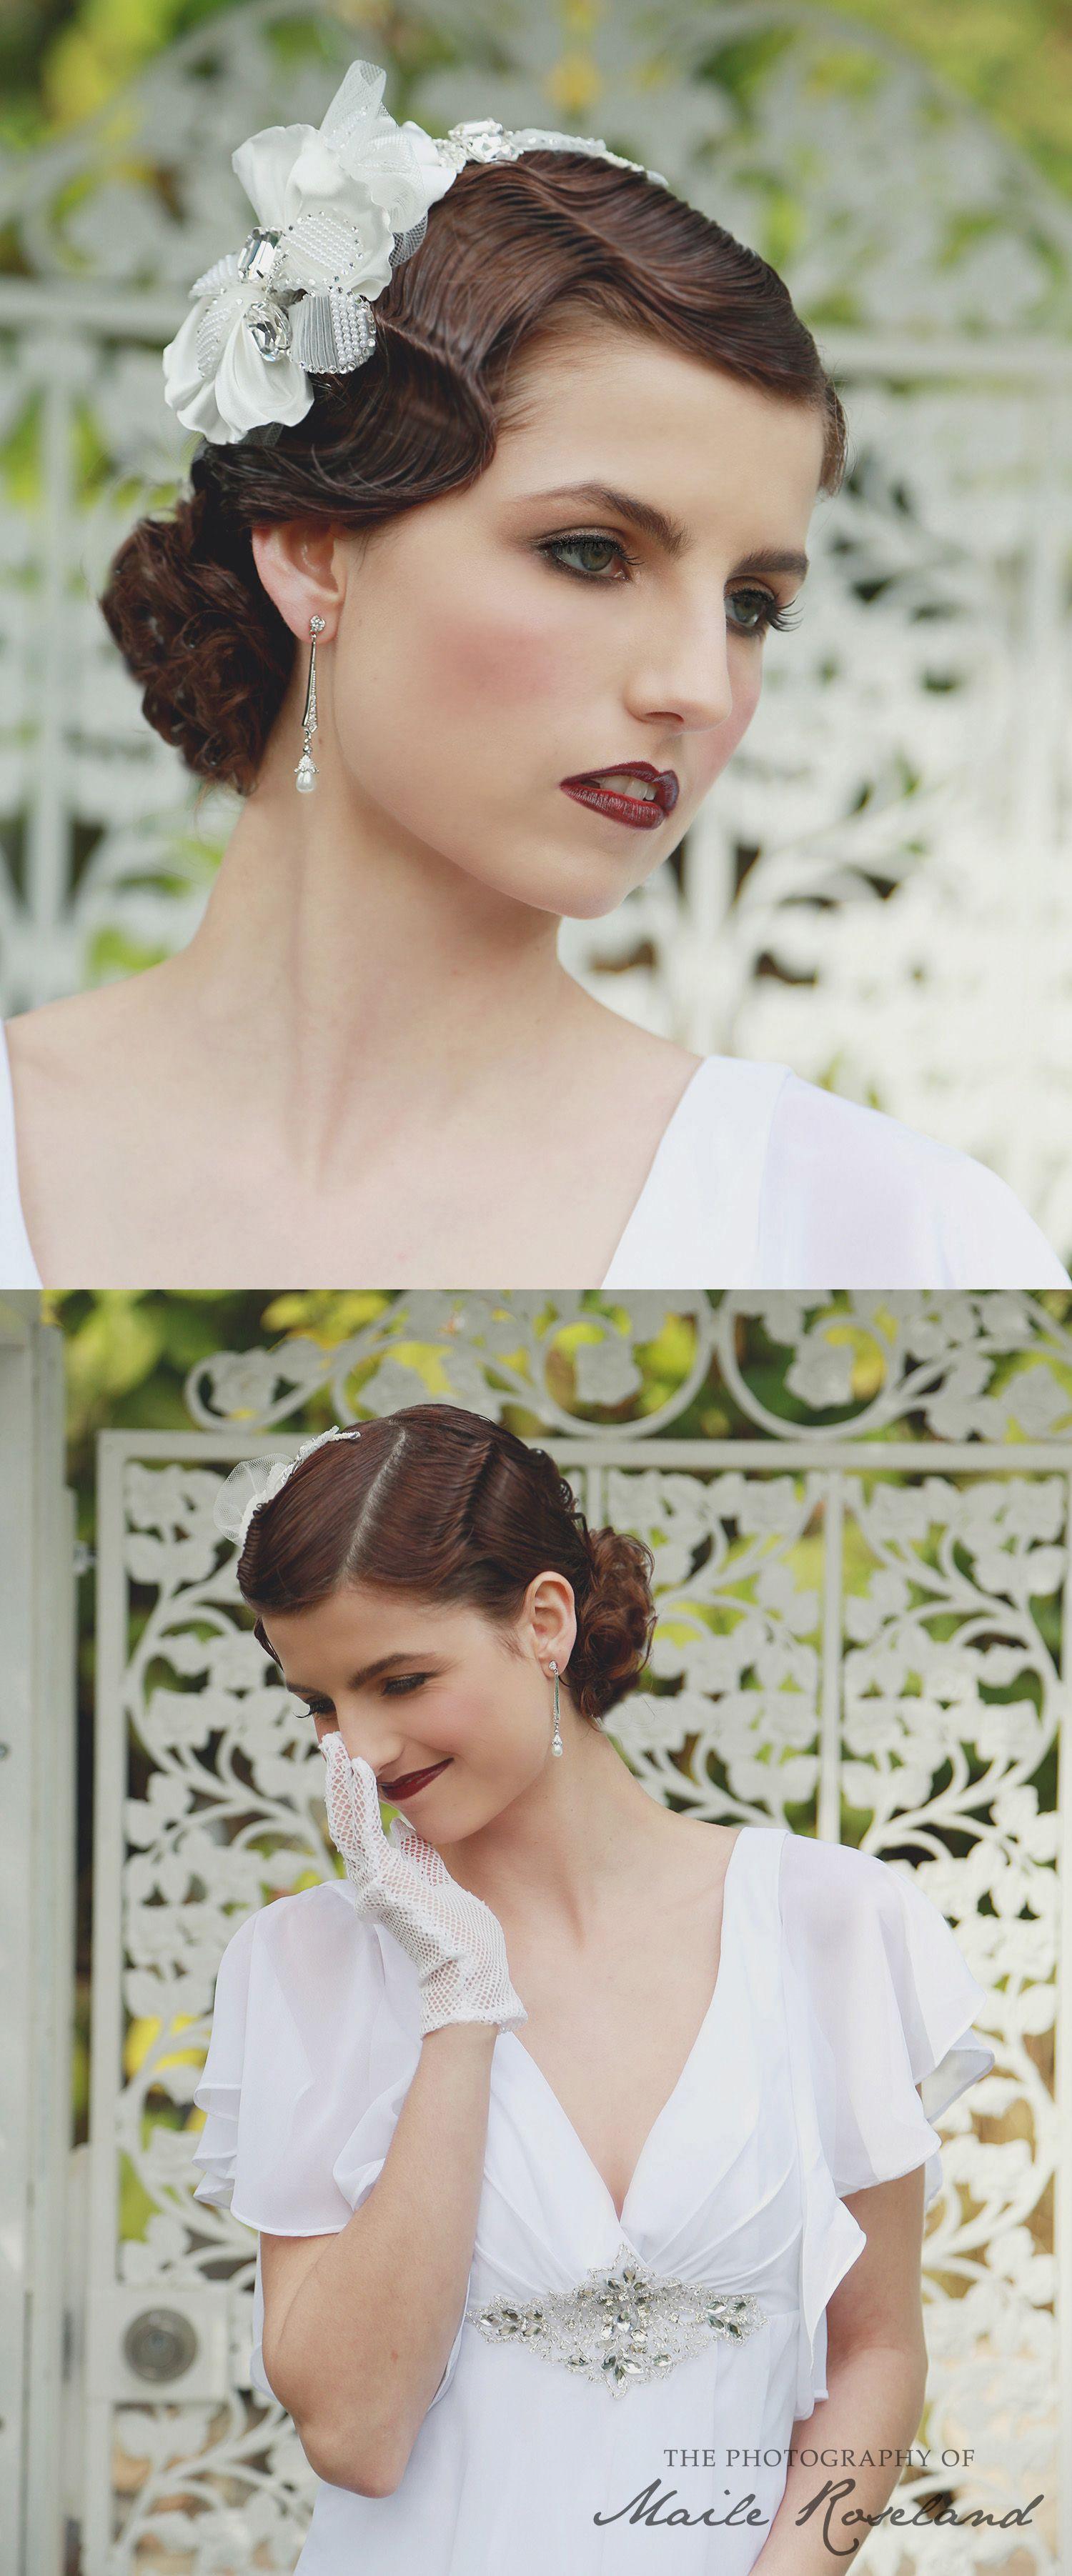 1920s bridal hair and makeup